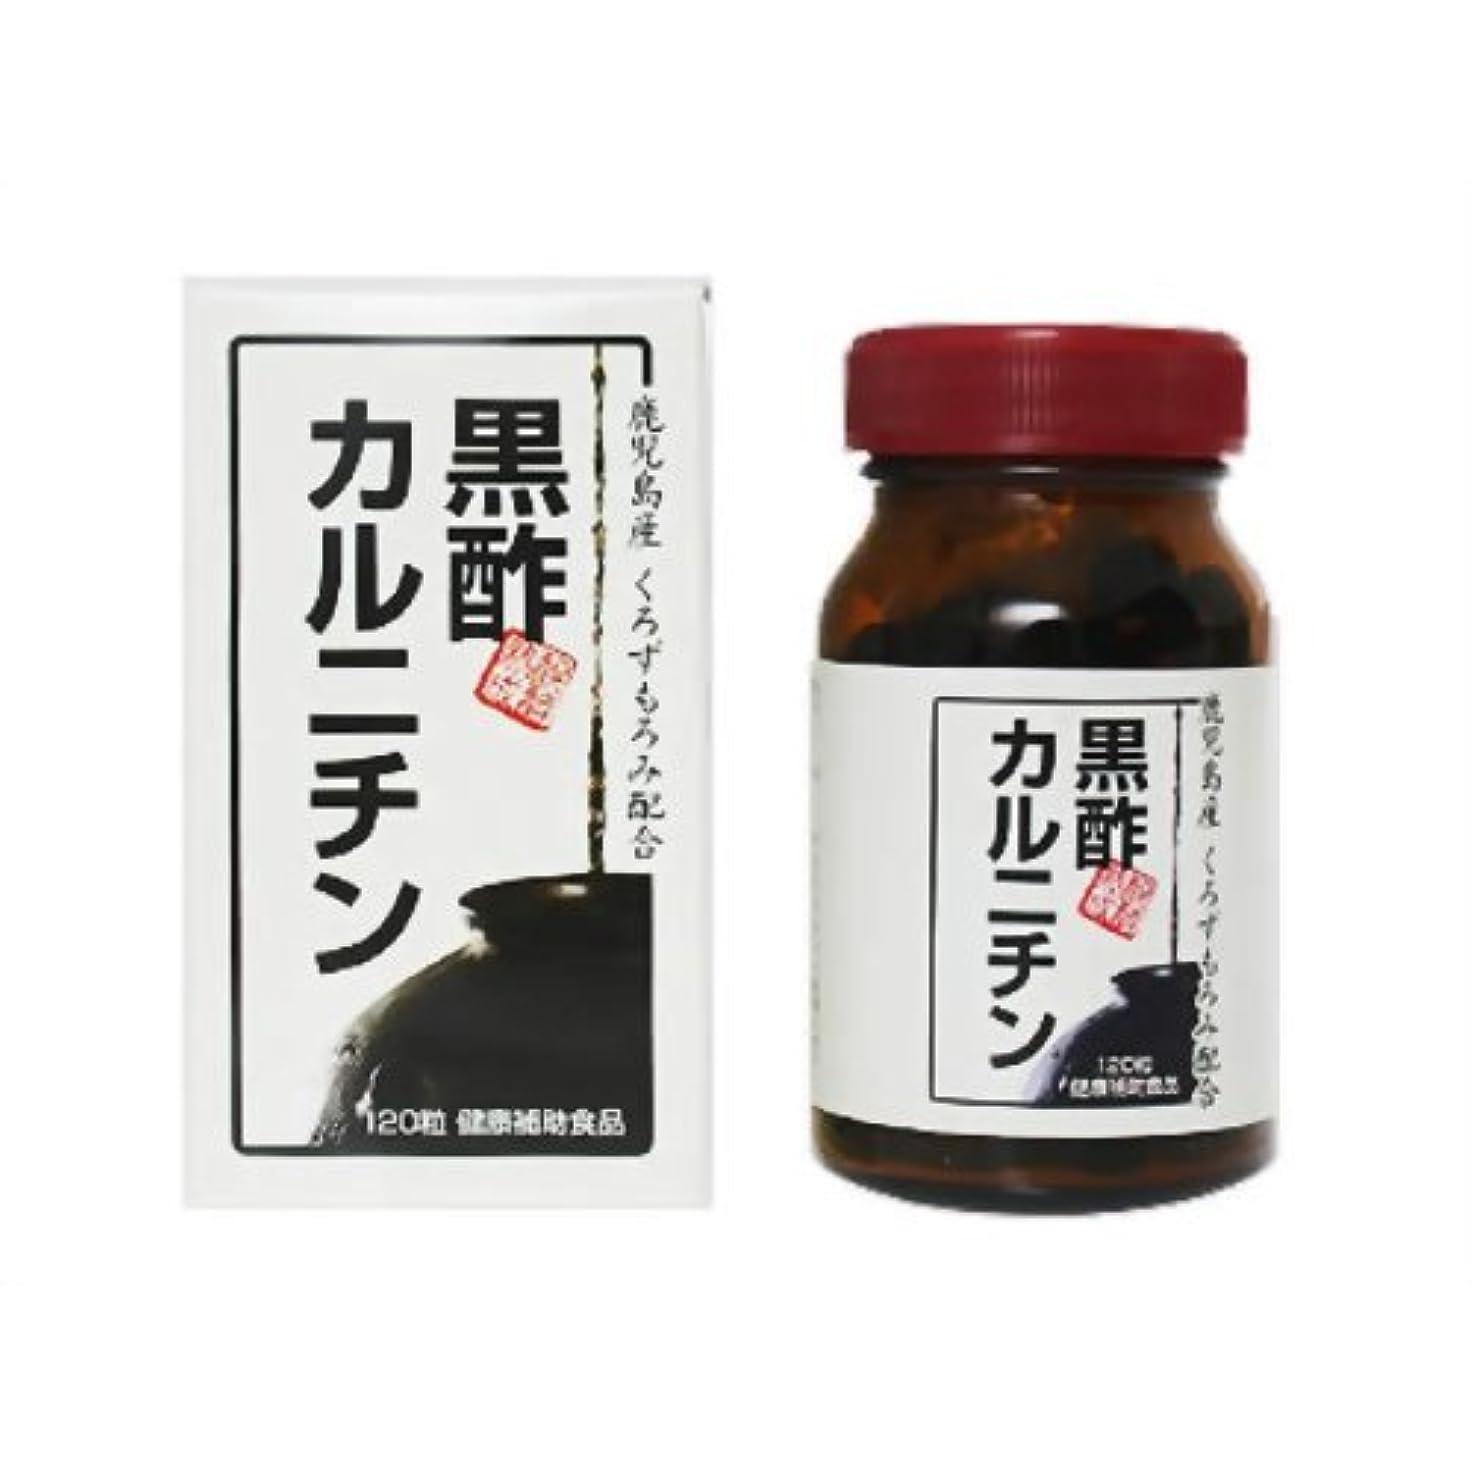 急襲昼食冷淡な黒酢カルニチン 120粒